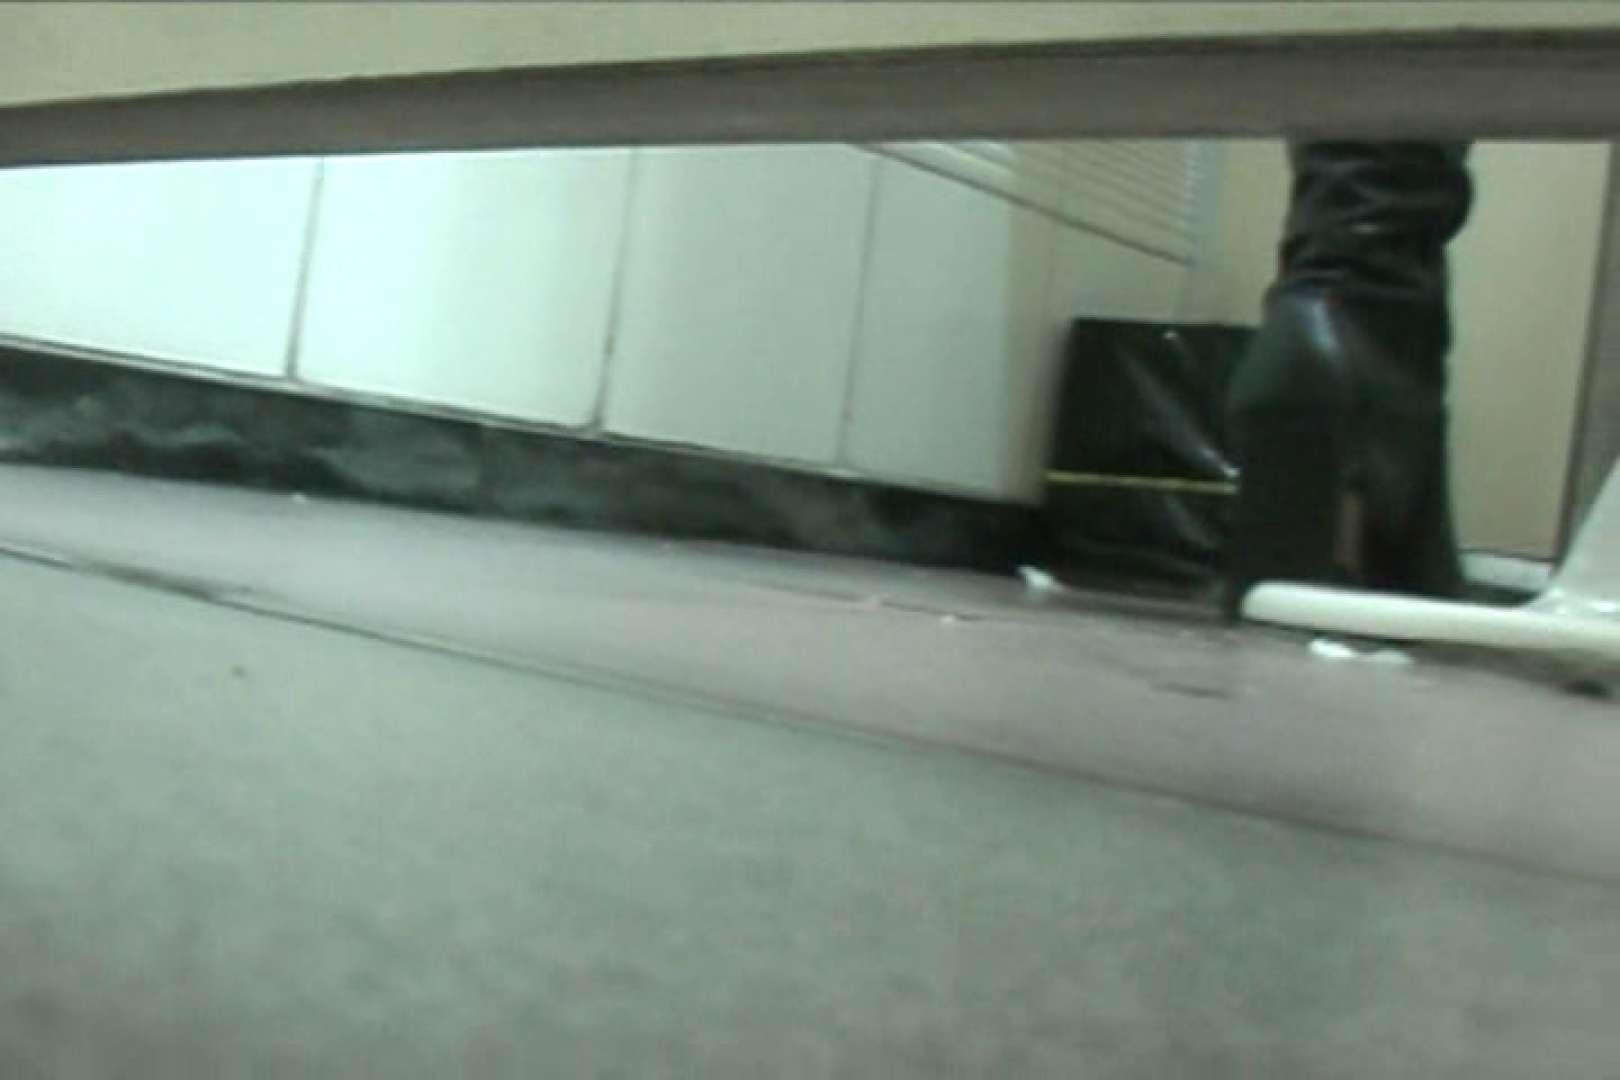 マンコ丸見え女子洗面所Vol.19 無修正マンコ アダルト動画キャプチャ 85連発 73